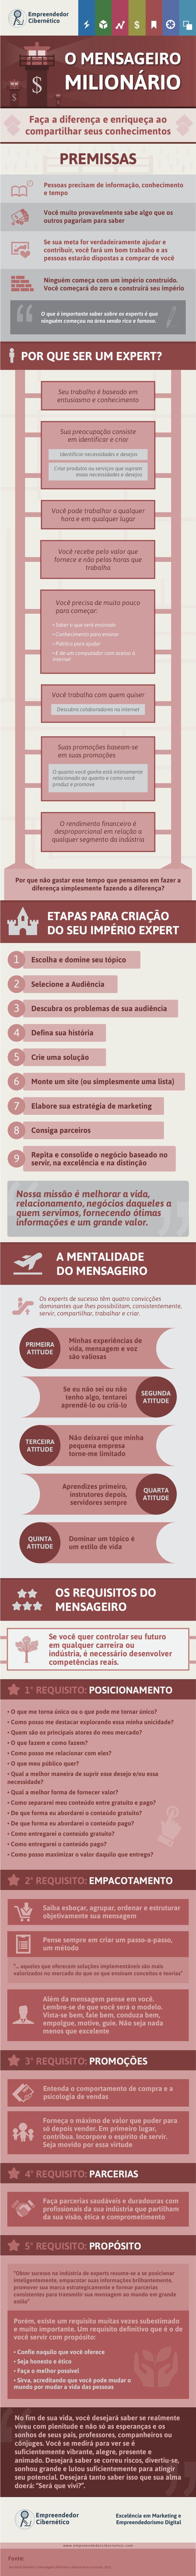 Infográfico do livro O Mensageiro Milionário